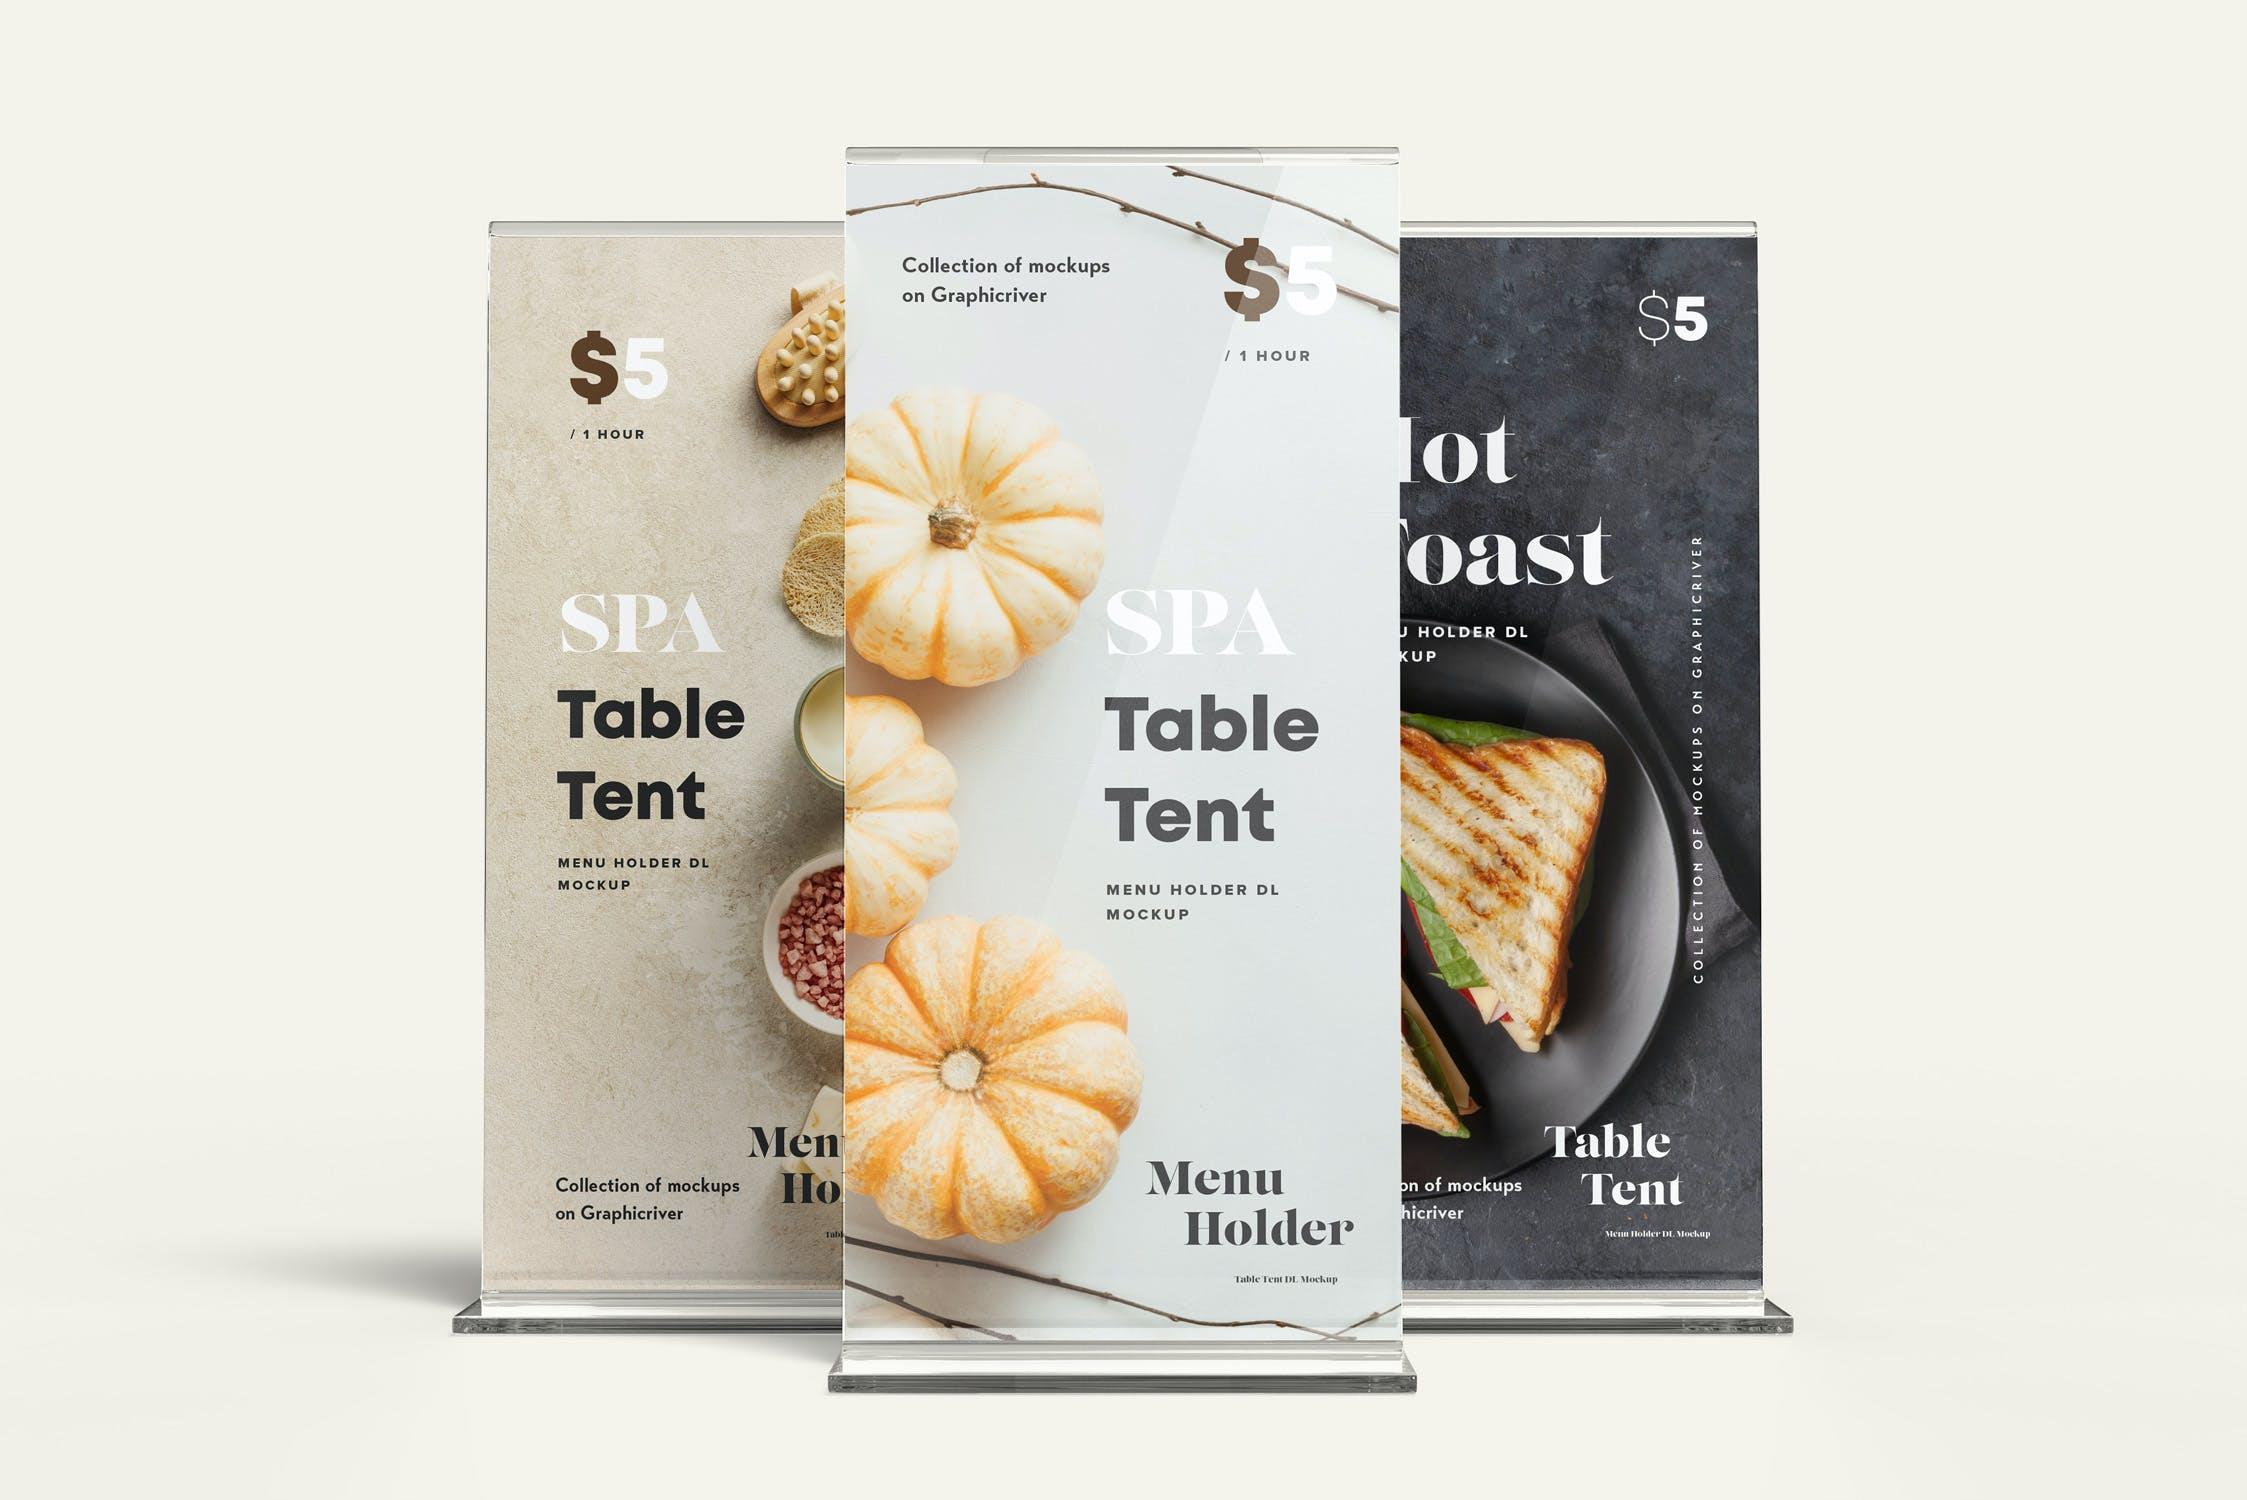 5款立式亚克力菜单海报桌牌设计展示贴图样机 Menu Holder Mock-up插图7